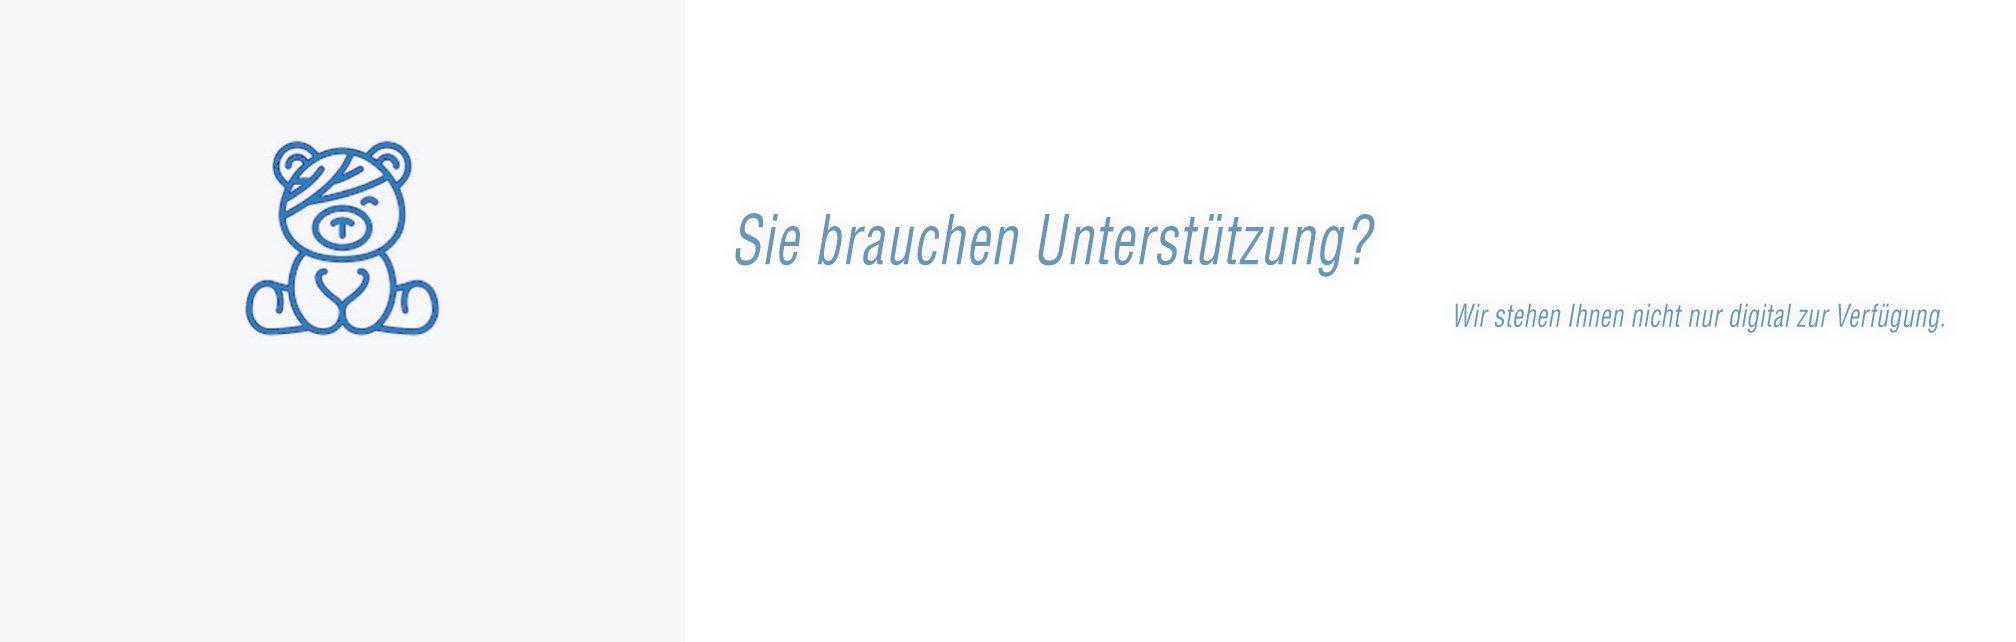 digitale Unterstützung Verbraucher Genossenschaft eG Berlin